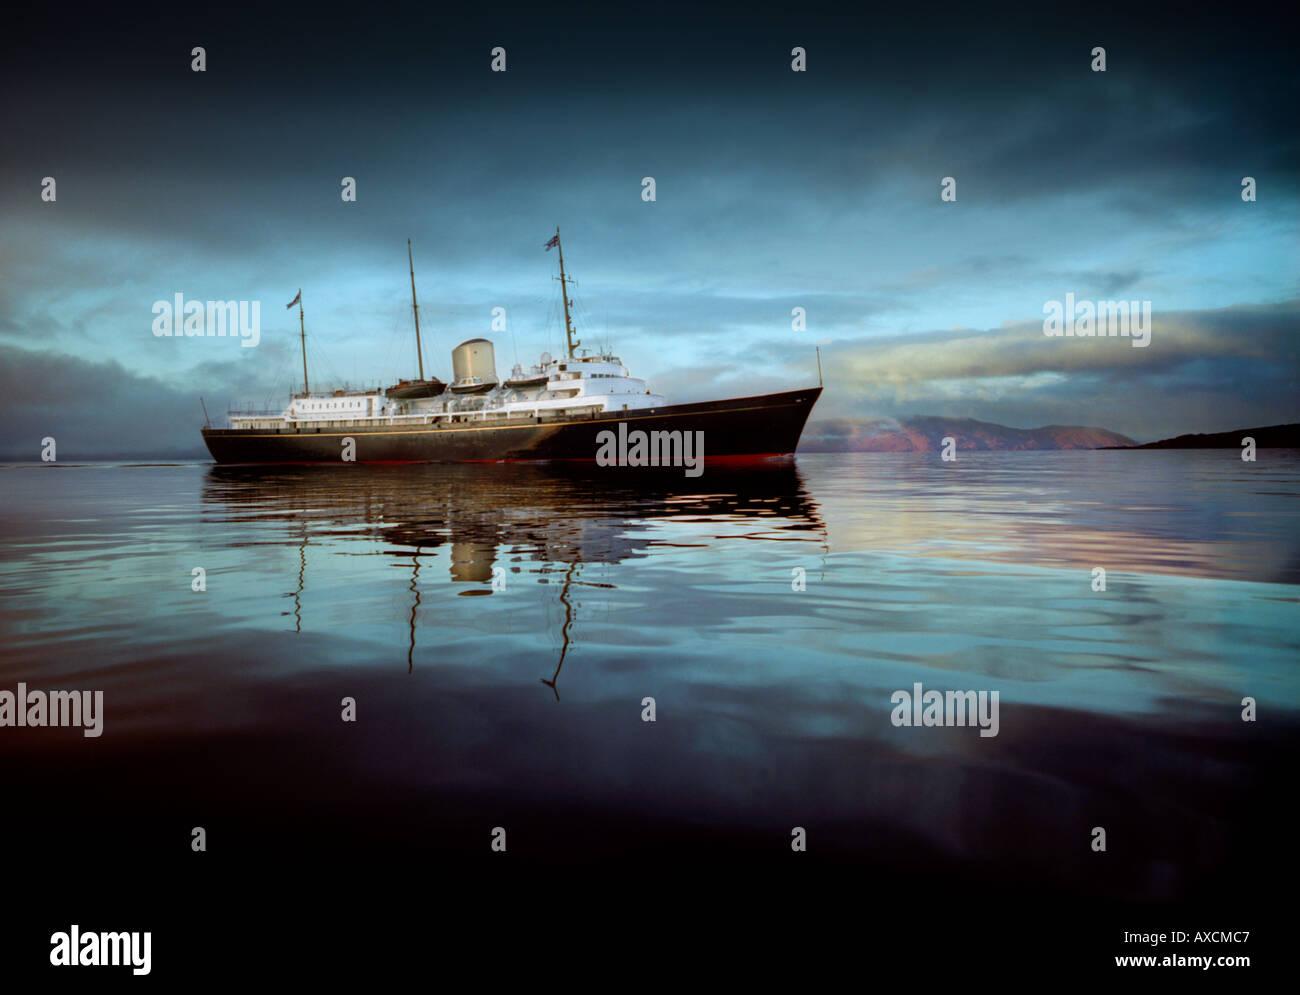 HMY Britannia al largo della costa occidentale della Scozia sul suo ultimo viaggio intorno al Regno Unito poco prima di pagare off nel 1997 Immagini Stock